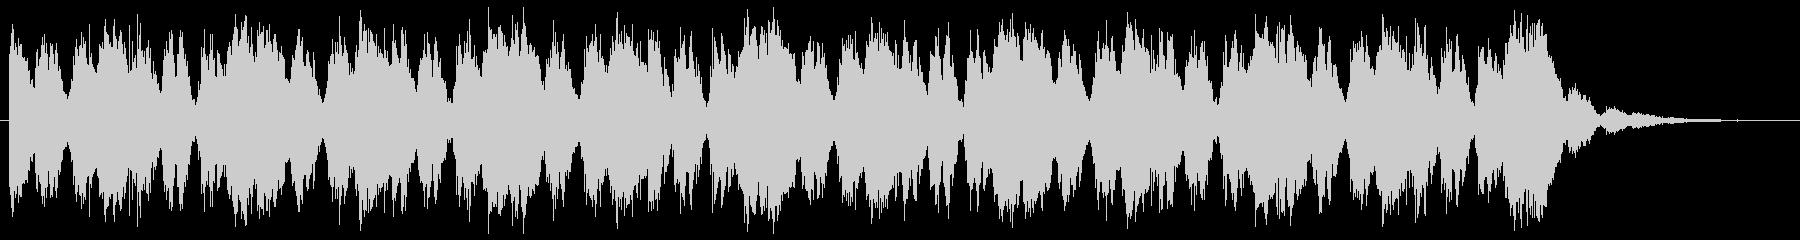 オーケストラによるループ曲。ゲームなどの未再生の波形